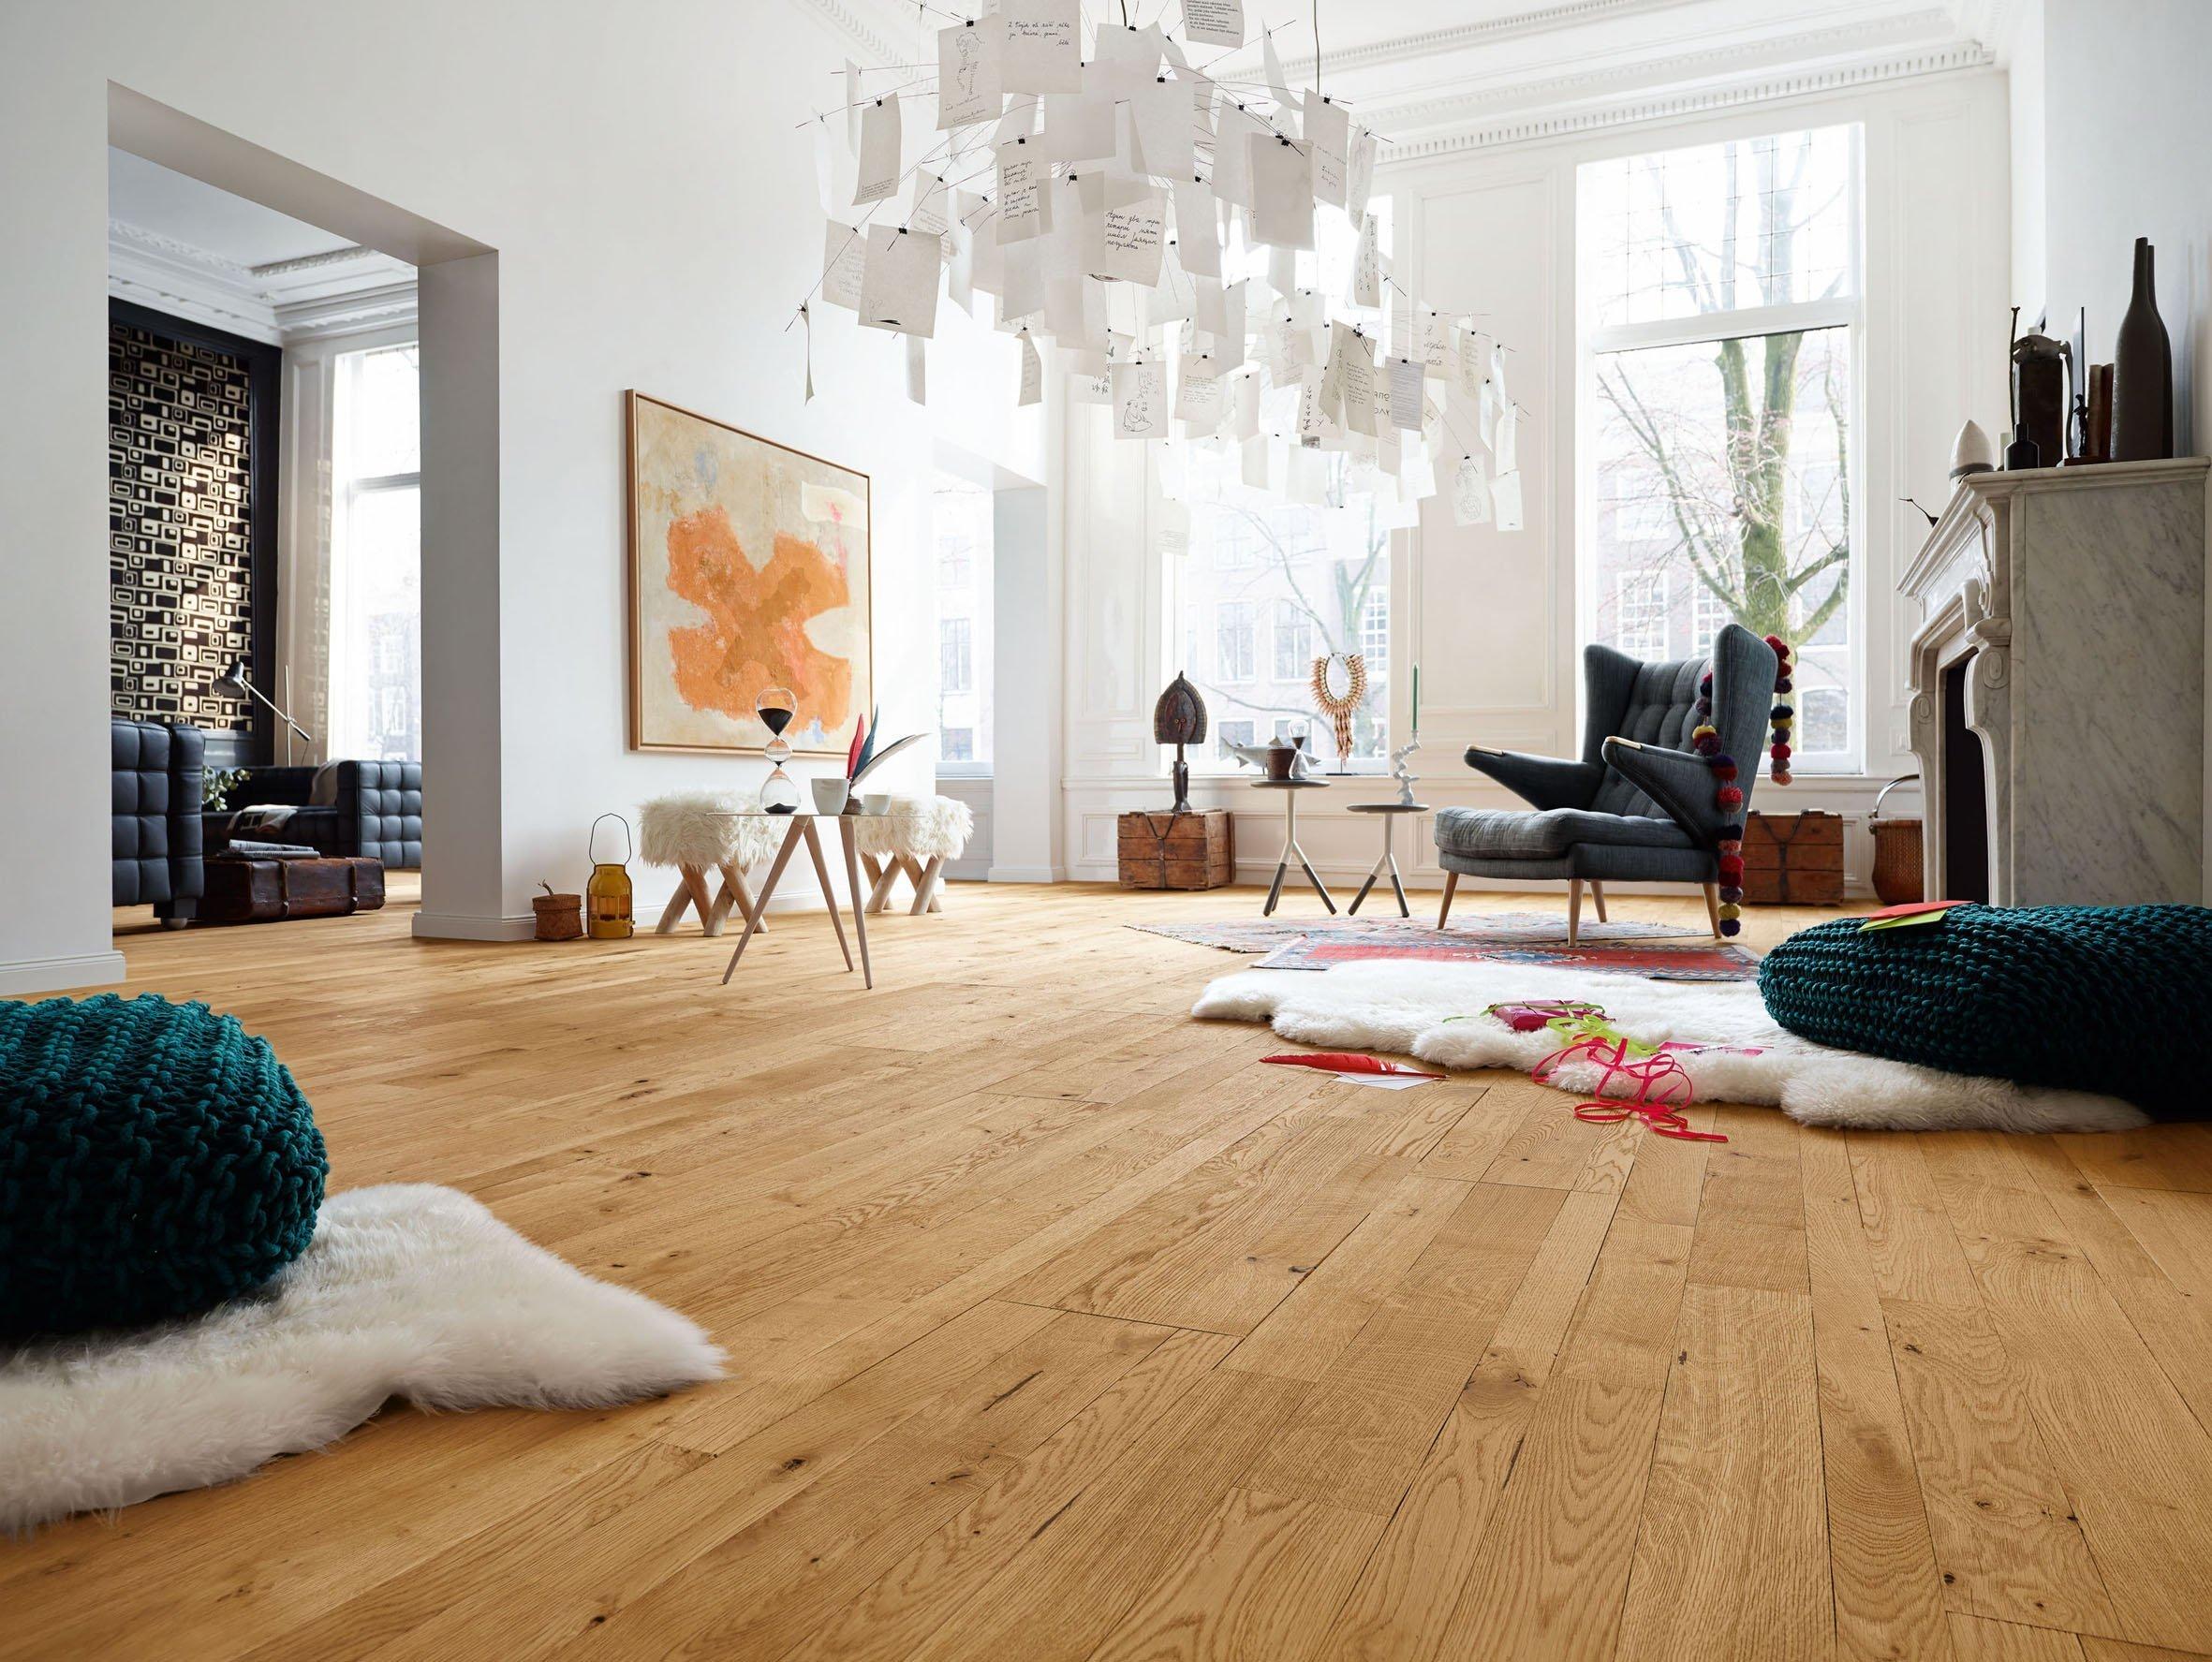 Podlahové vytápění – pro a proti